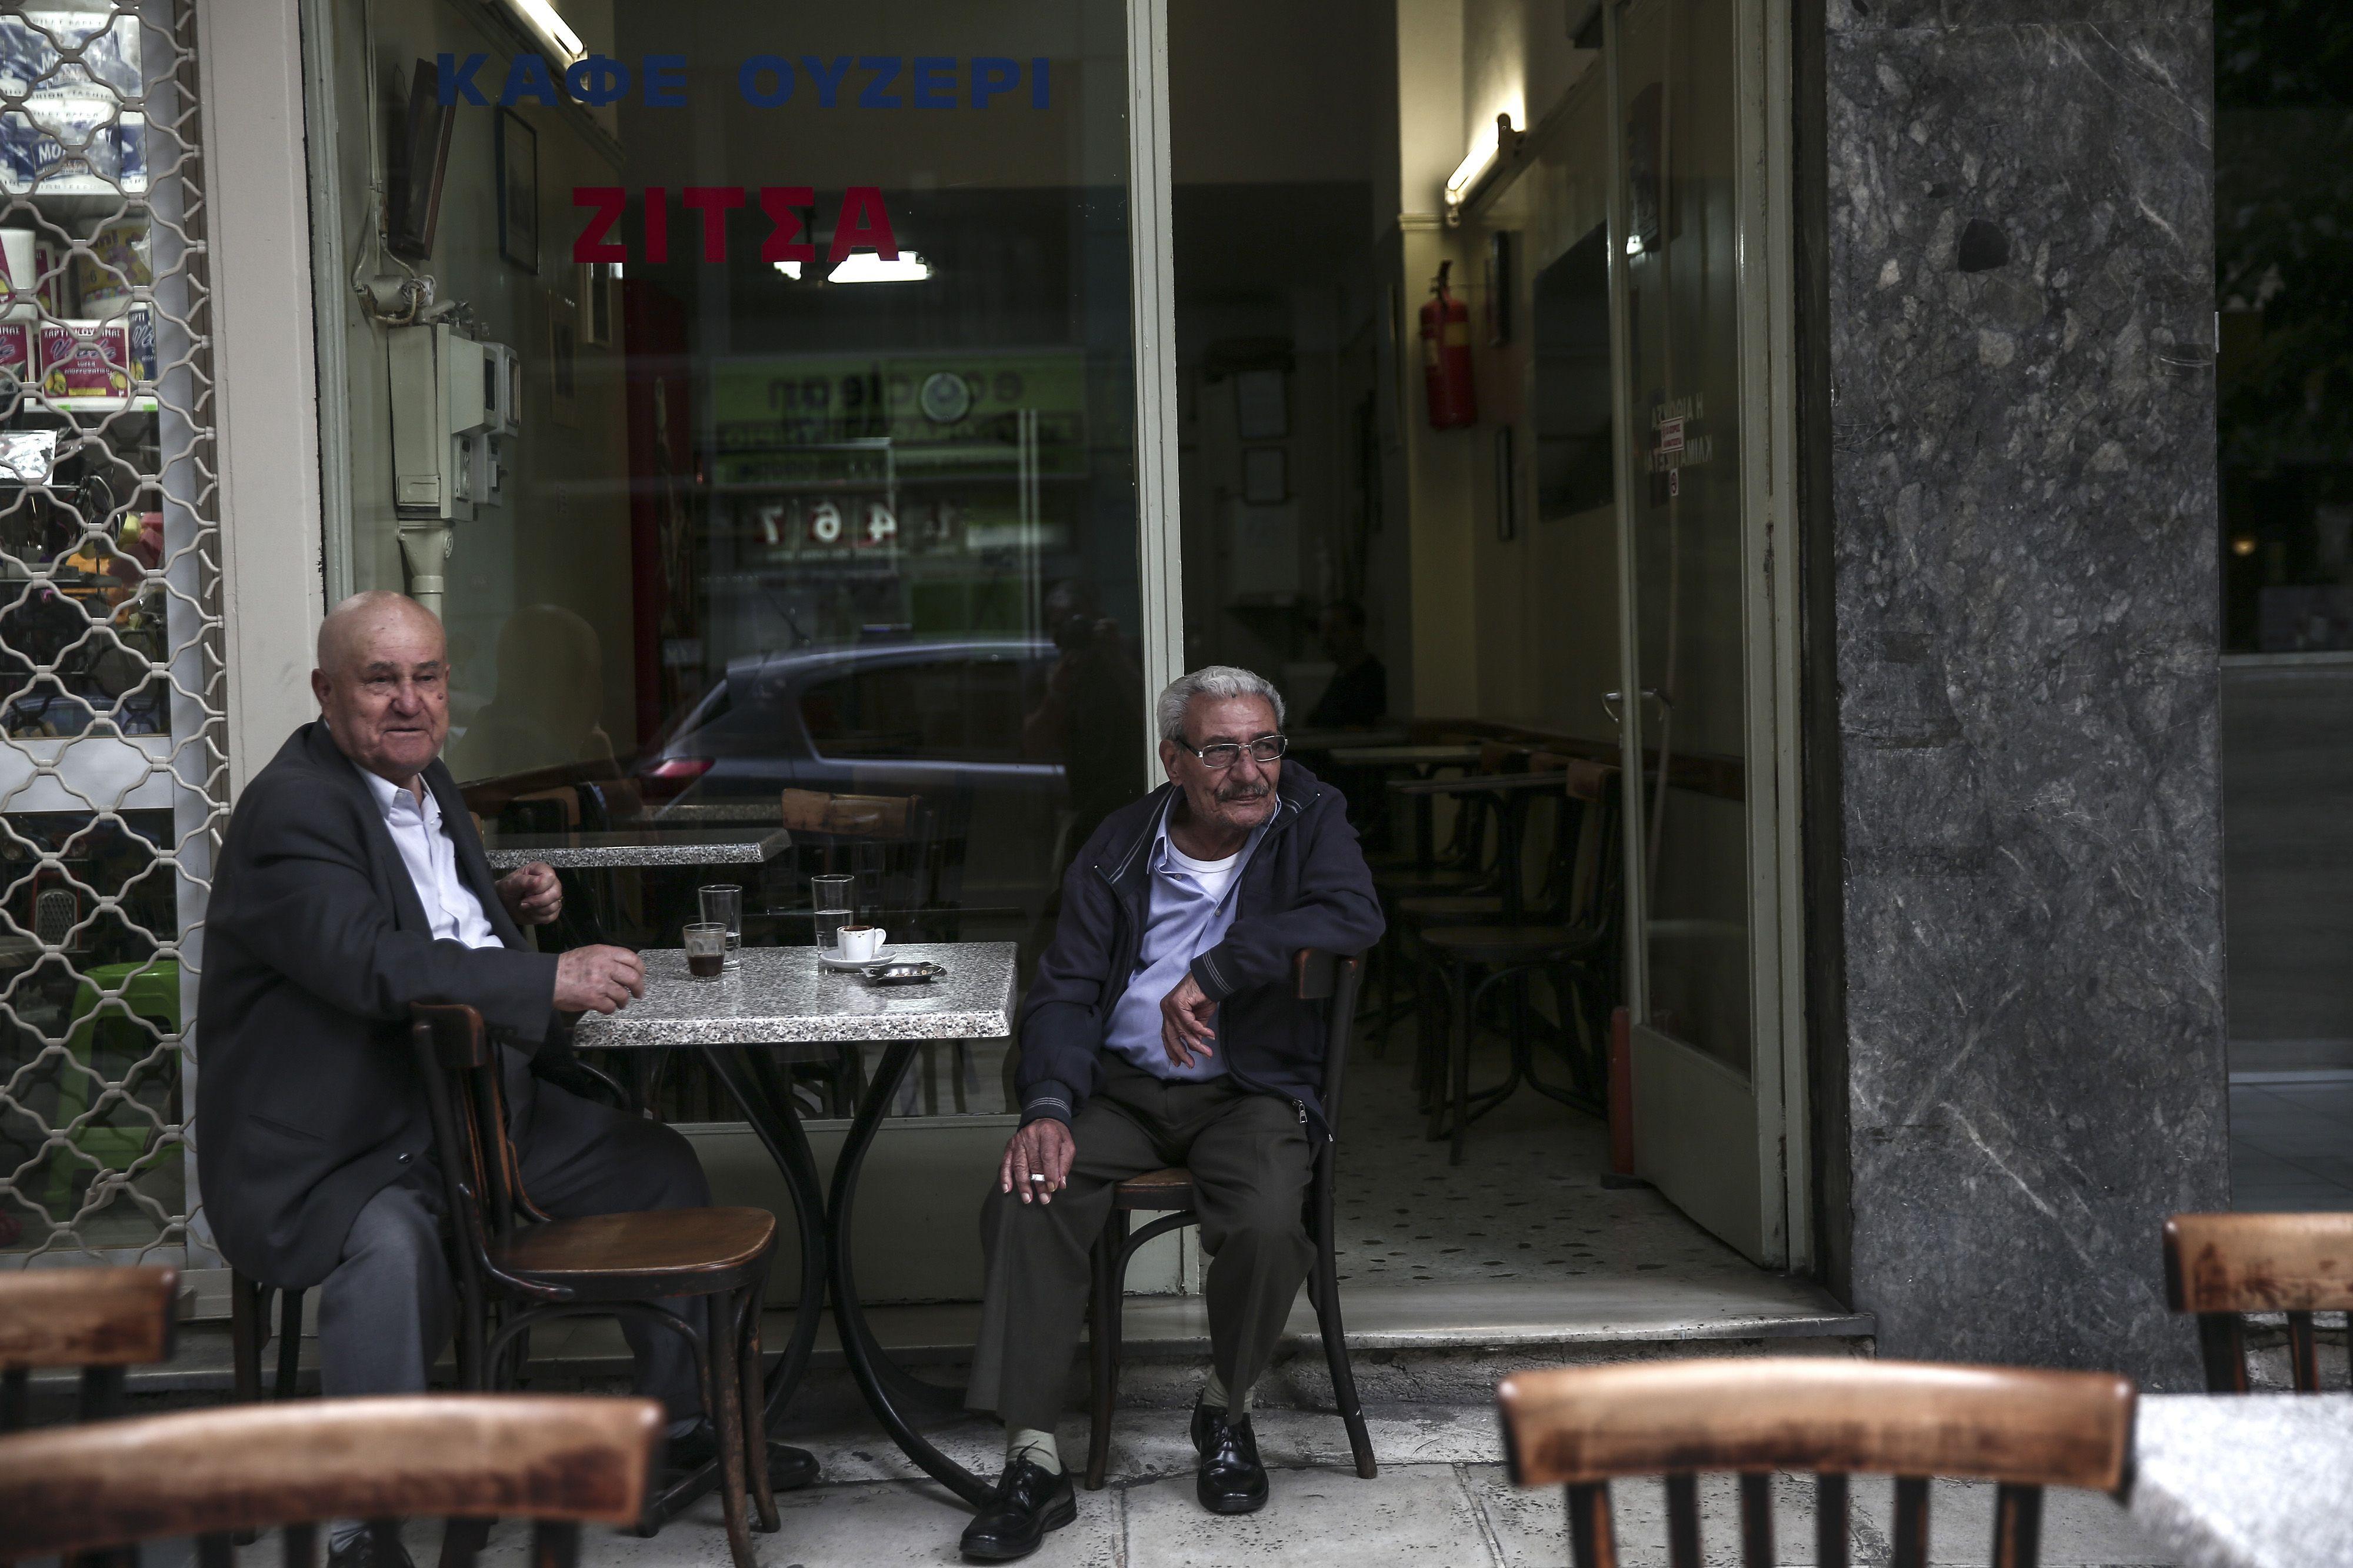 cafecito. Dos griegos en uno de los tantos bares de Atenas. La vida diaria continúa por ahora con normalidad.